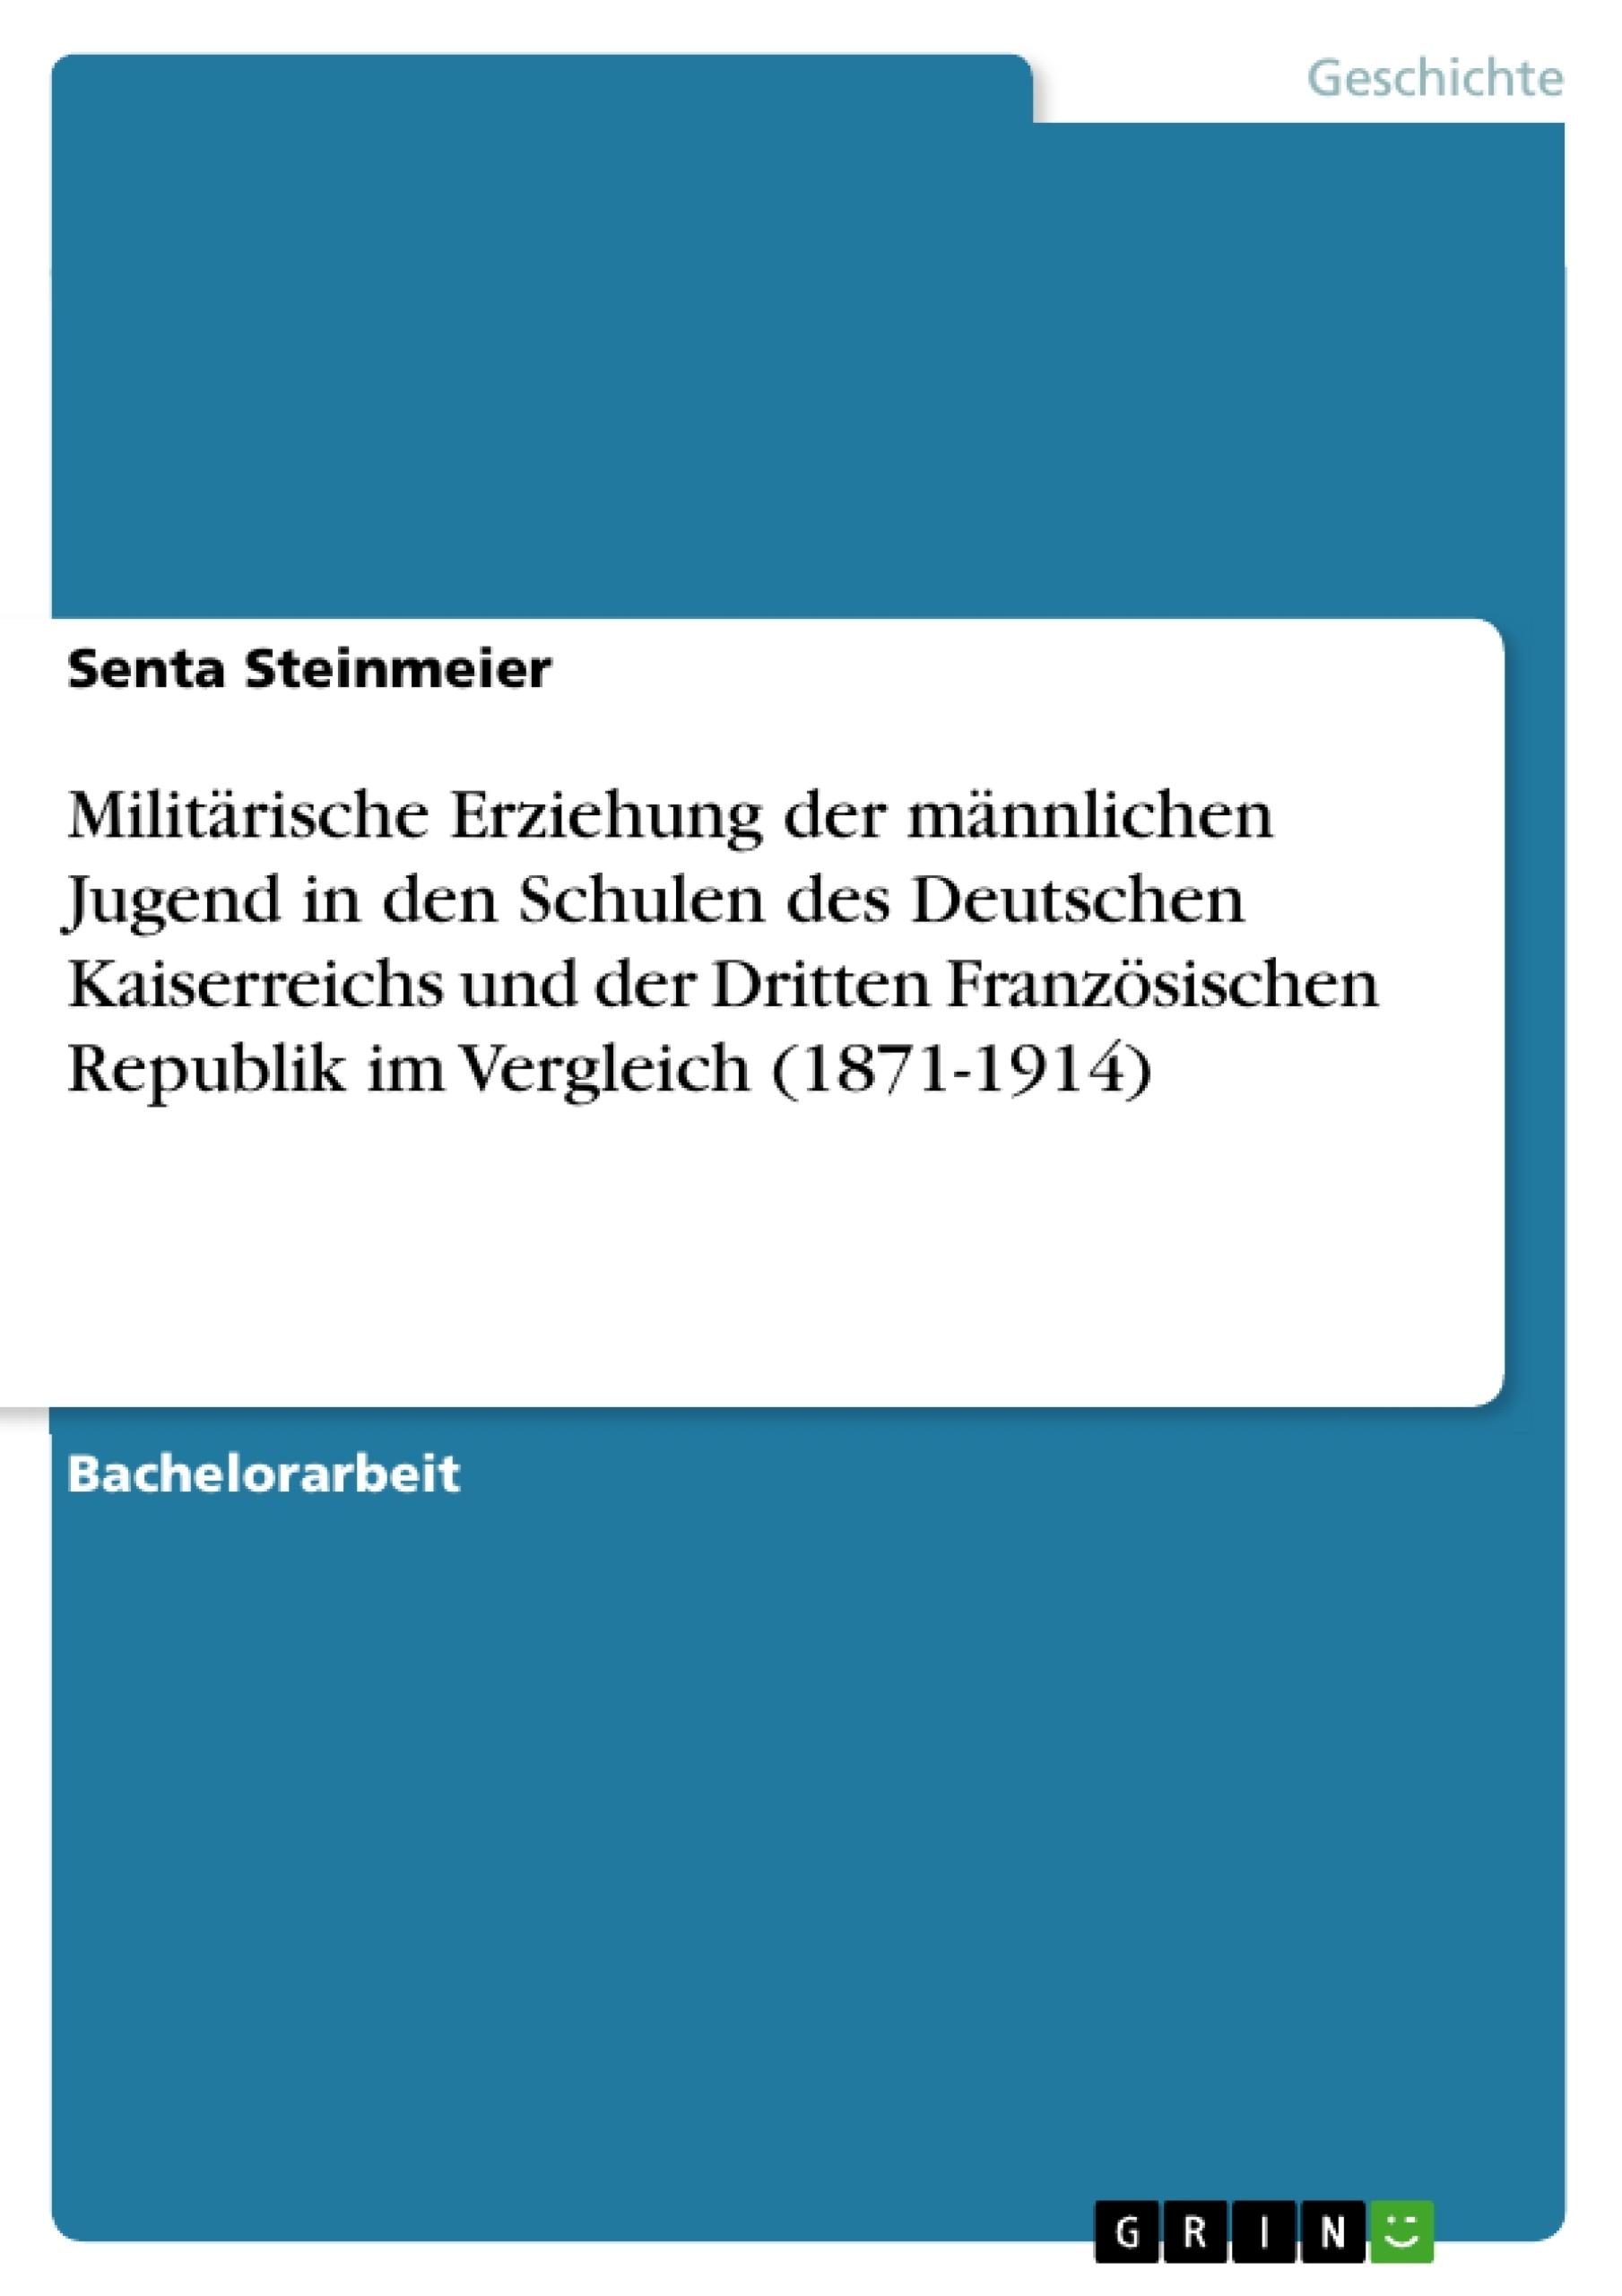 Titel: Militärische Erziehung der männlichen Jugend in den Schulen des Deutschen Kaiserreichs und der Dritten Französischen Republik im Vergleich (1871-1914)